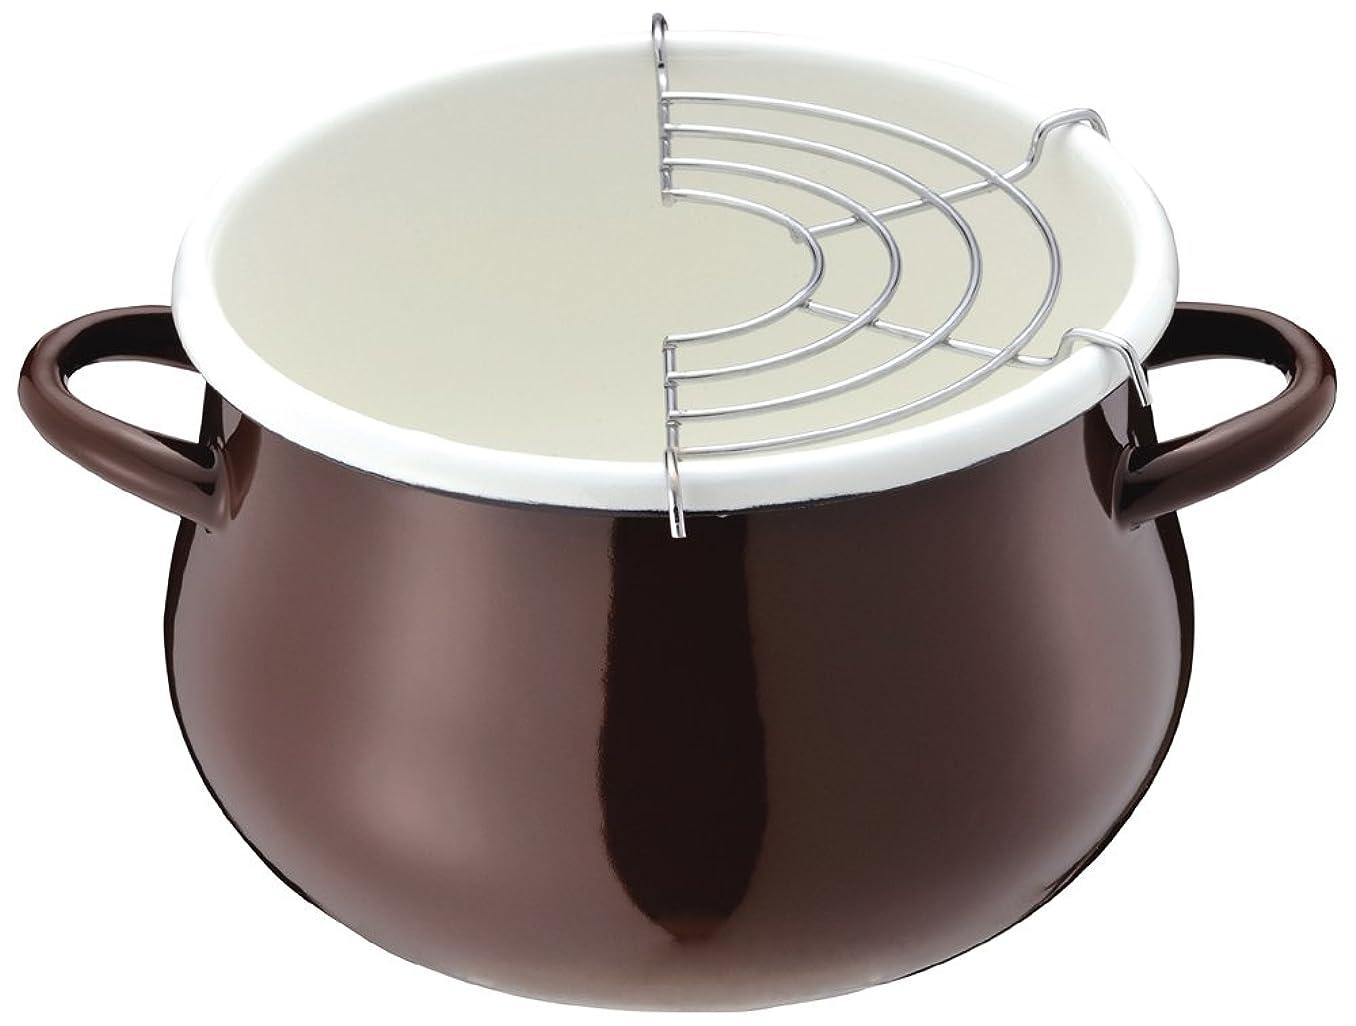 それにもかかわらず漏斗浸食パール金属 プチクック ホーロー 天ぷら 鍋 16cm ブラウン HB-1680